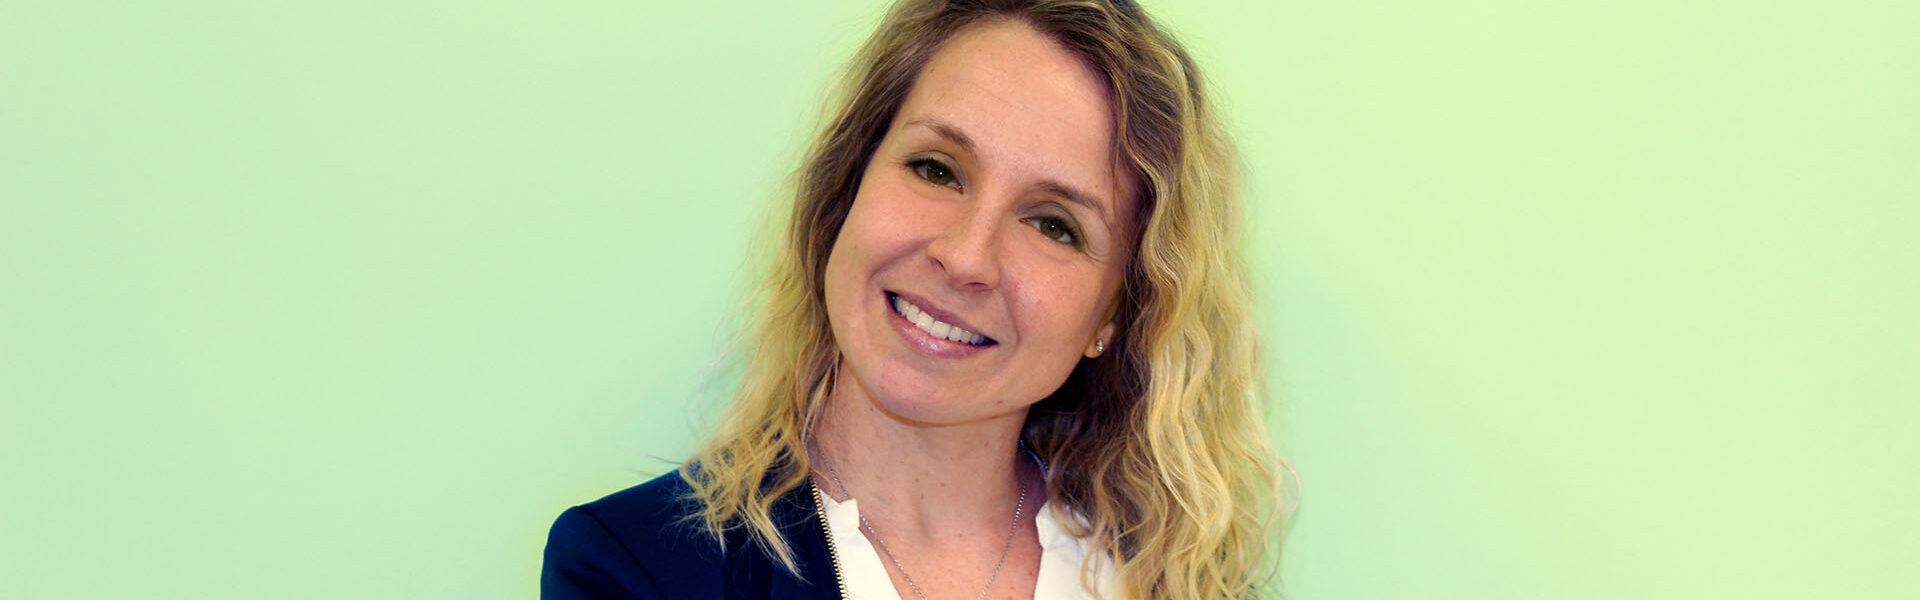 Margherita Signorini, Psicologa e Psicoterapeuta